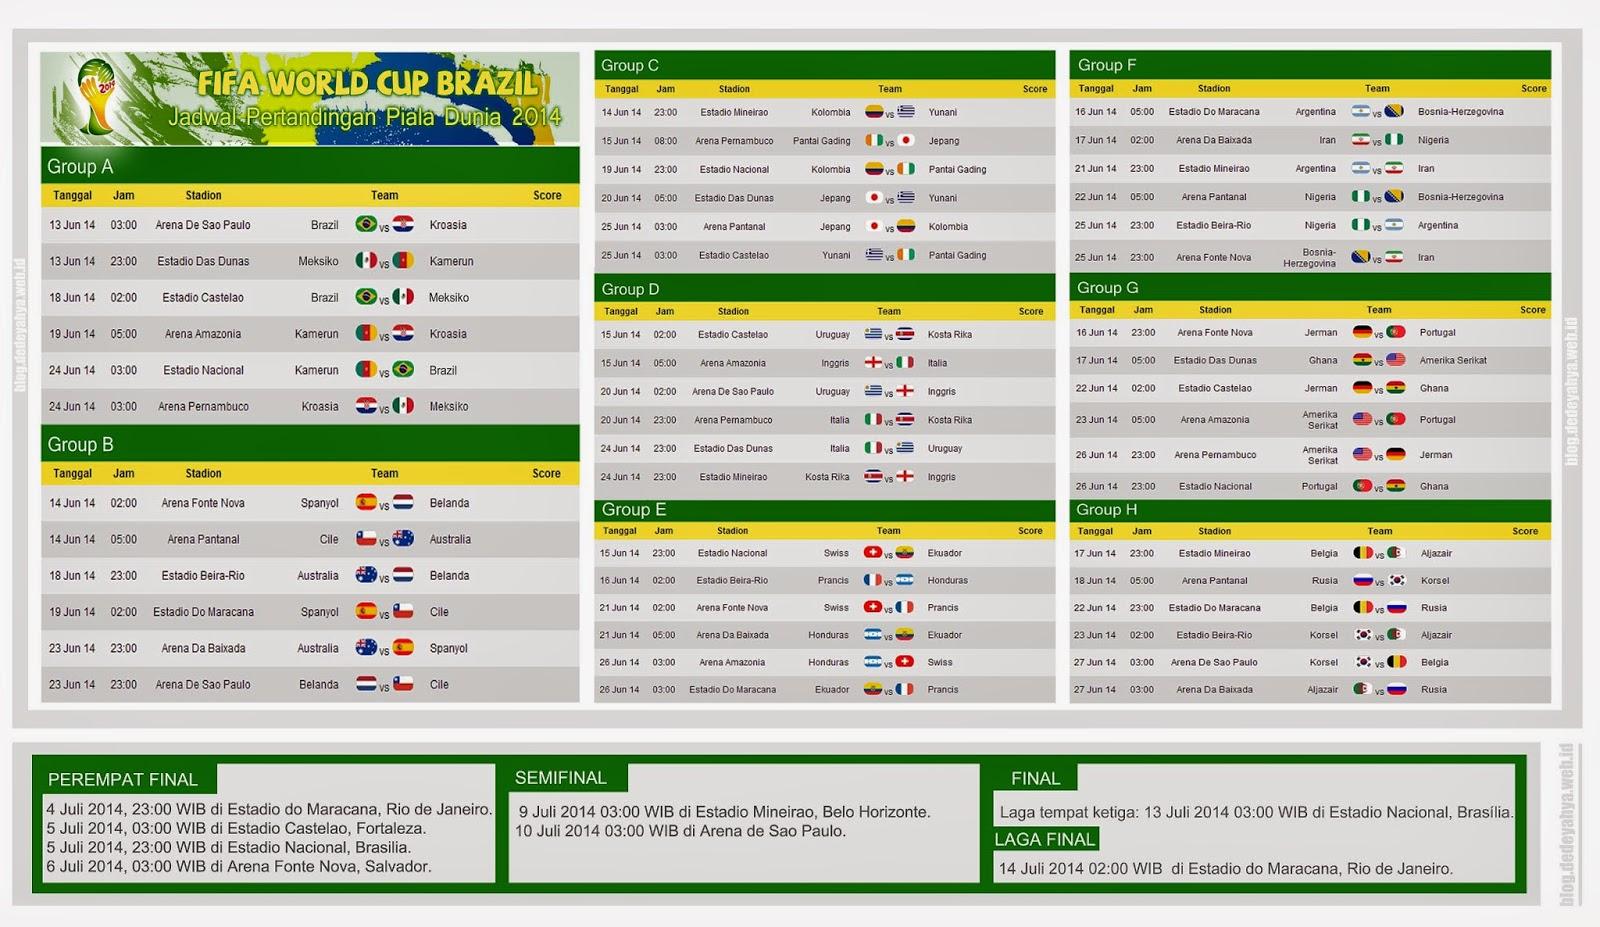 Jadwal pertandingan piala dunia 2014 Brasil